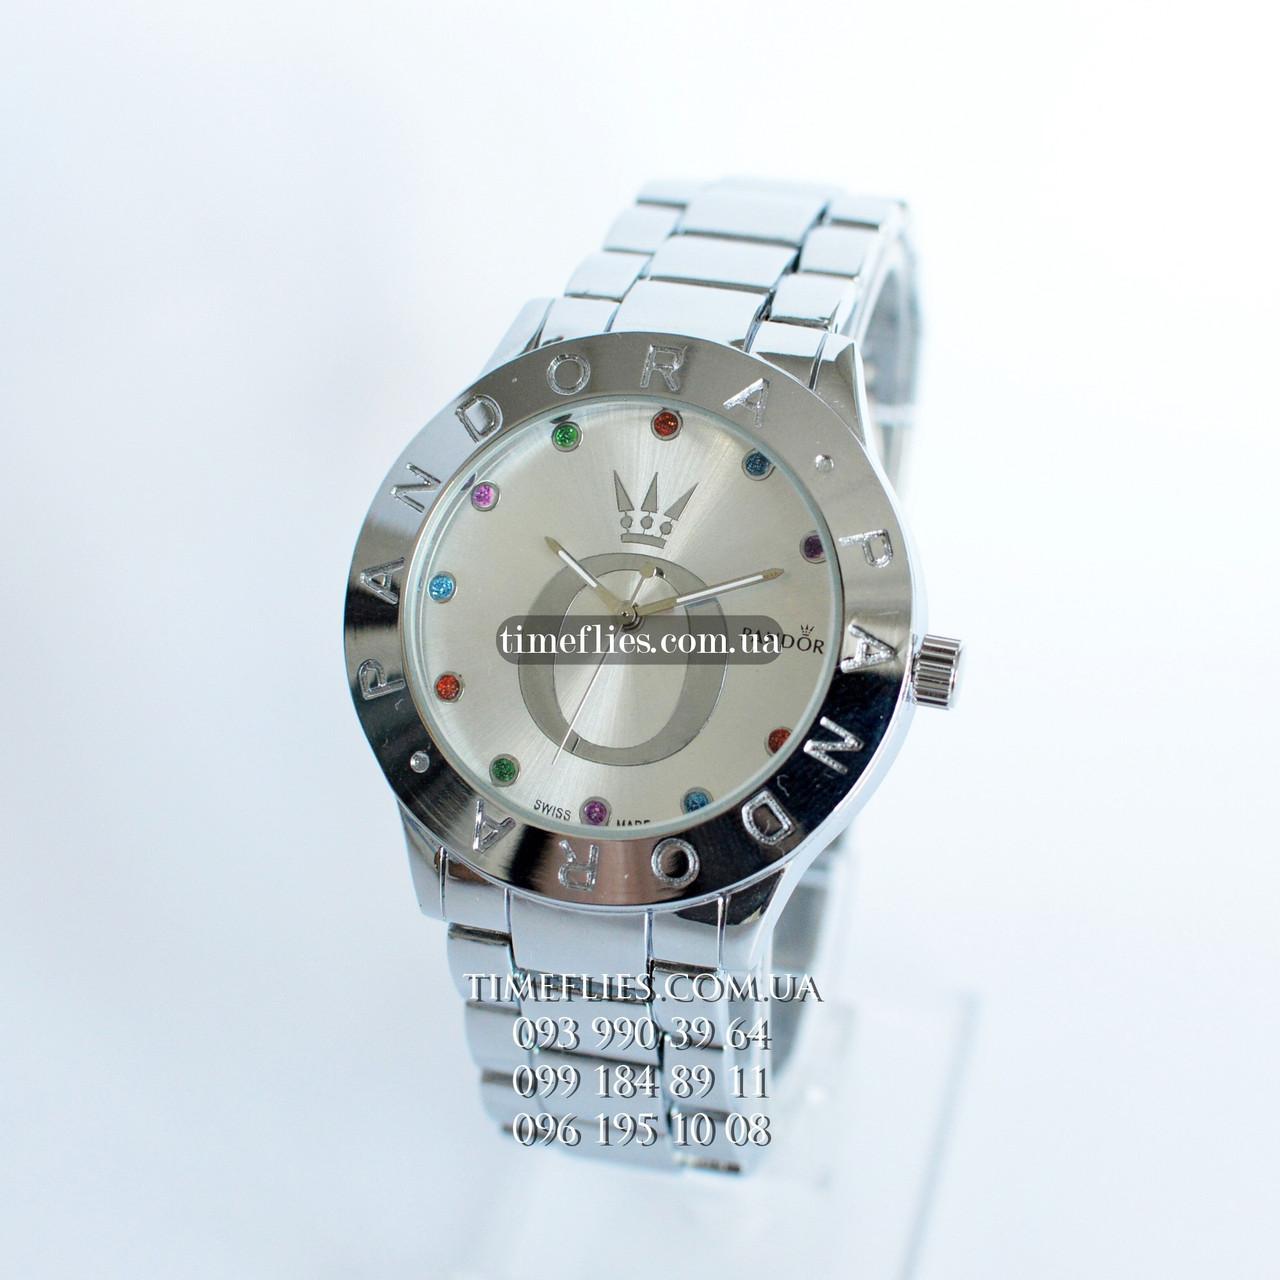 Pandora №33 Кварцові жіночі годинники